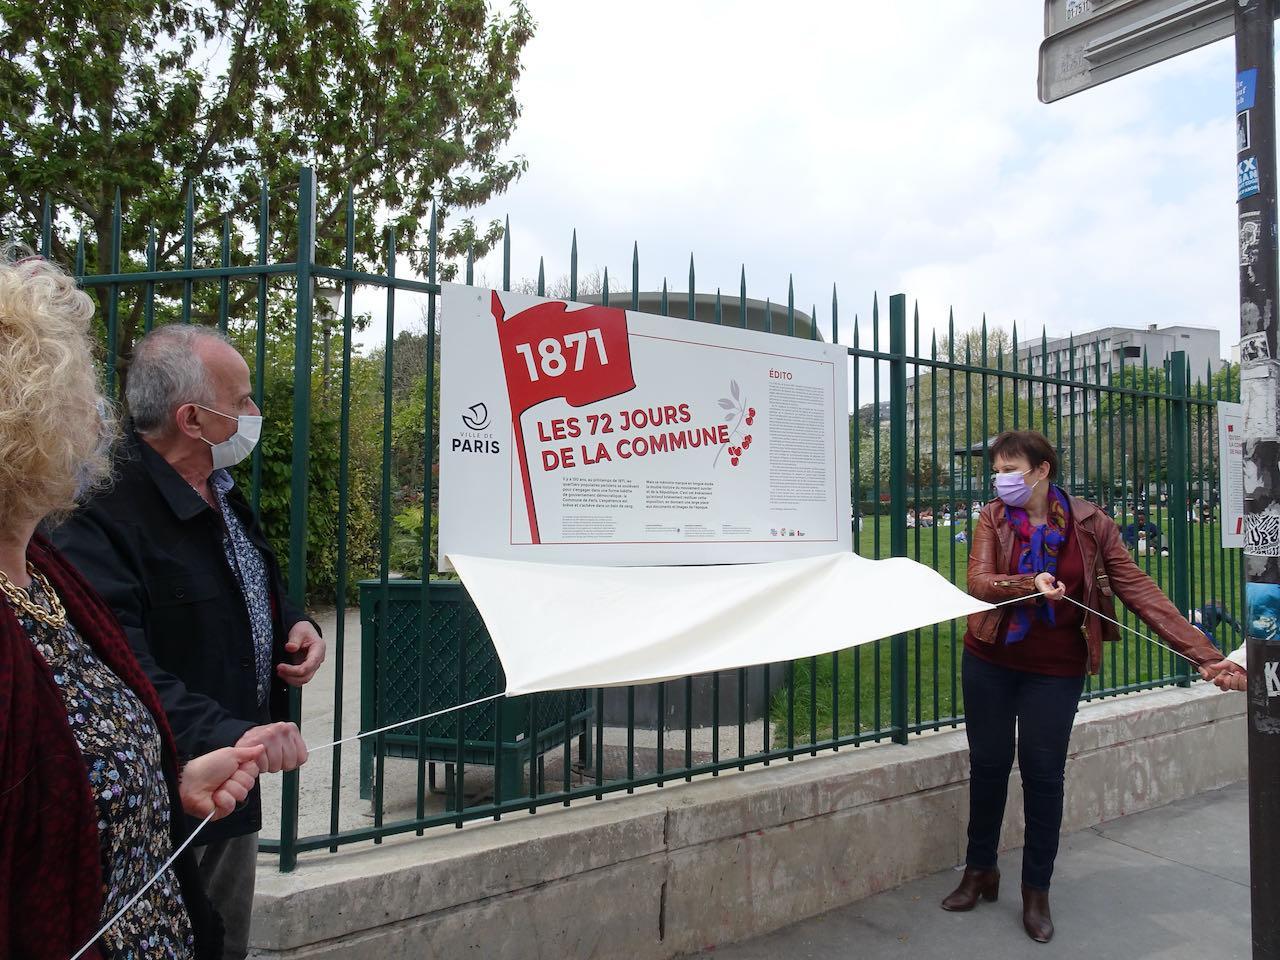 Dévoilement de l'inauguration la Commune de Paris dsc00407.jpeg